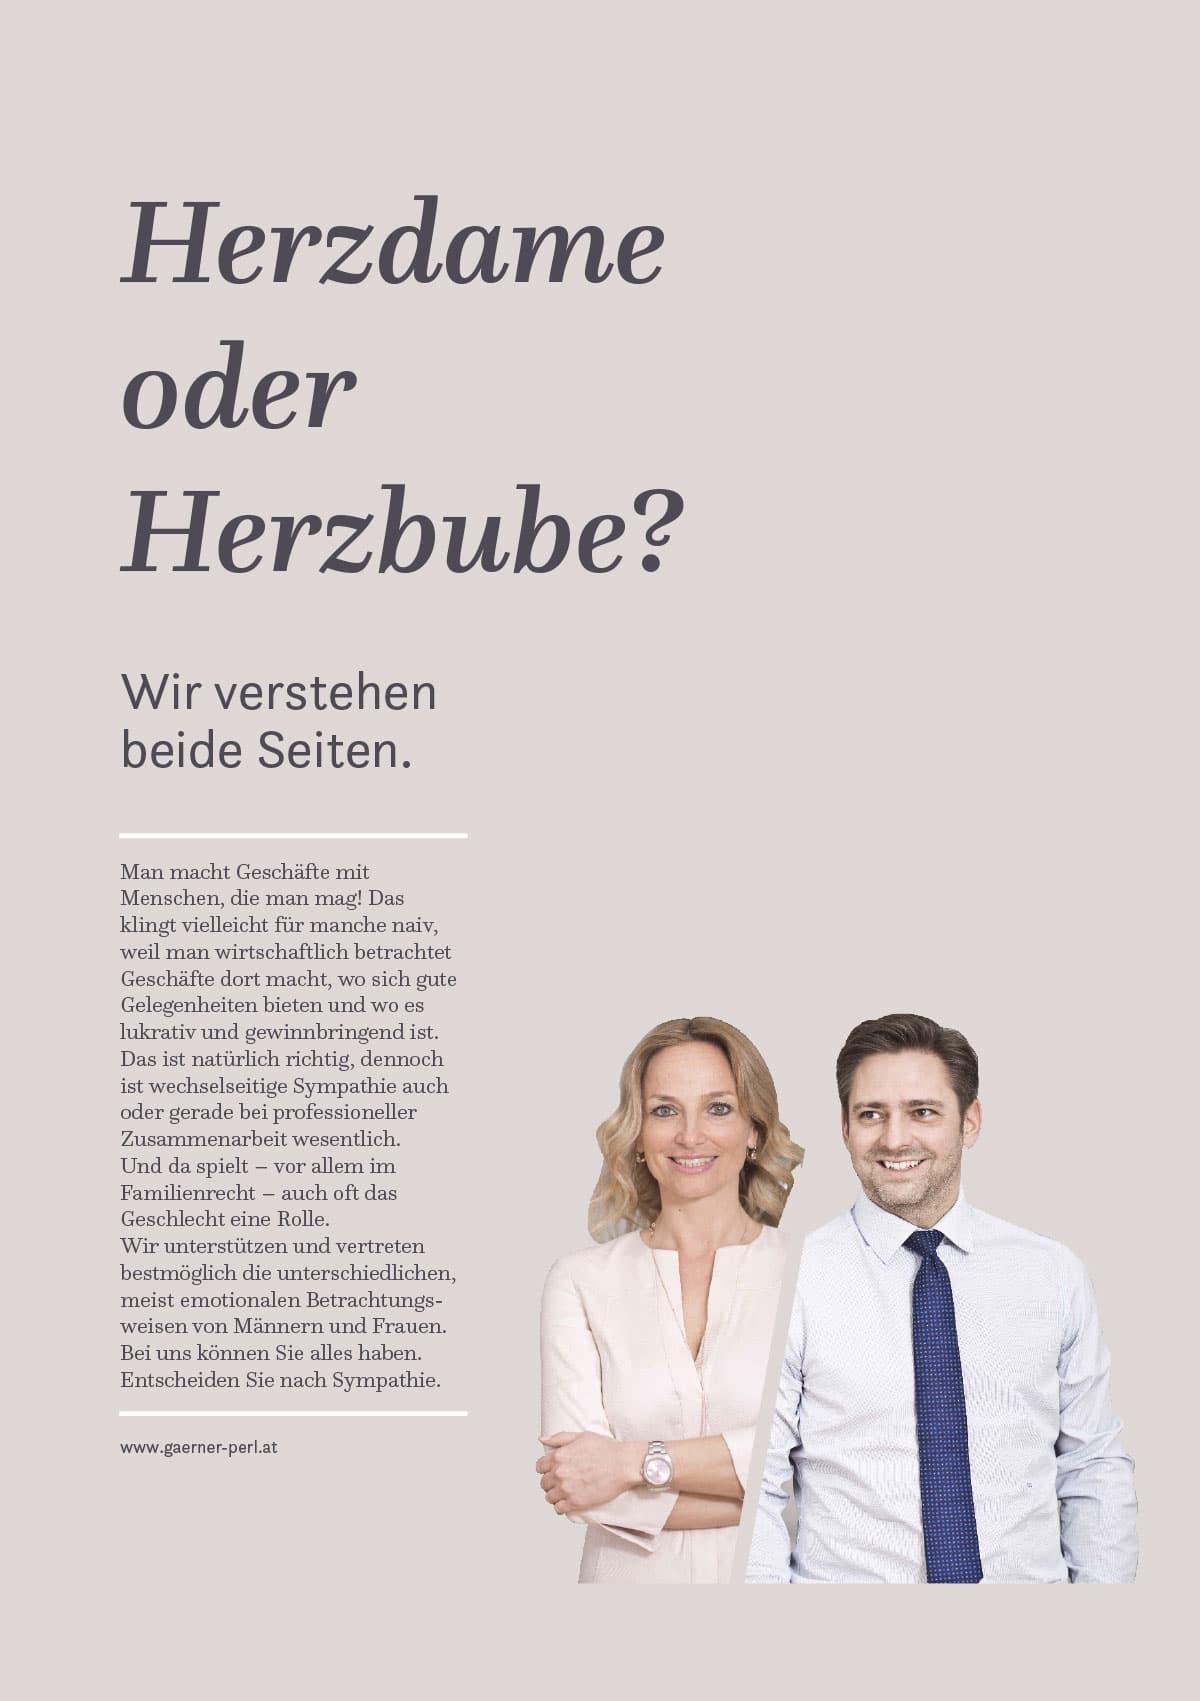 Susanna Perl – Gaerner Perl – Scheidungsanwalt Wien